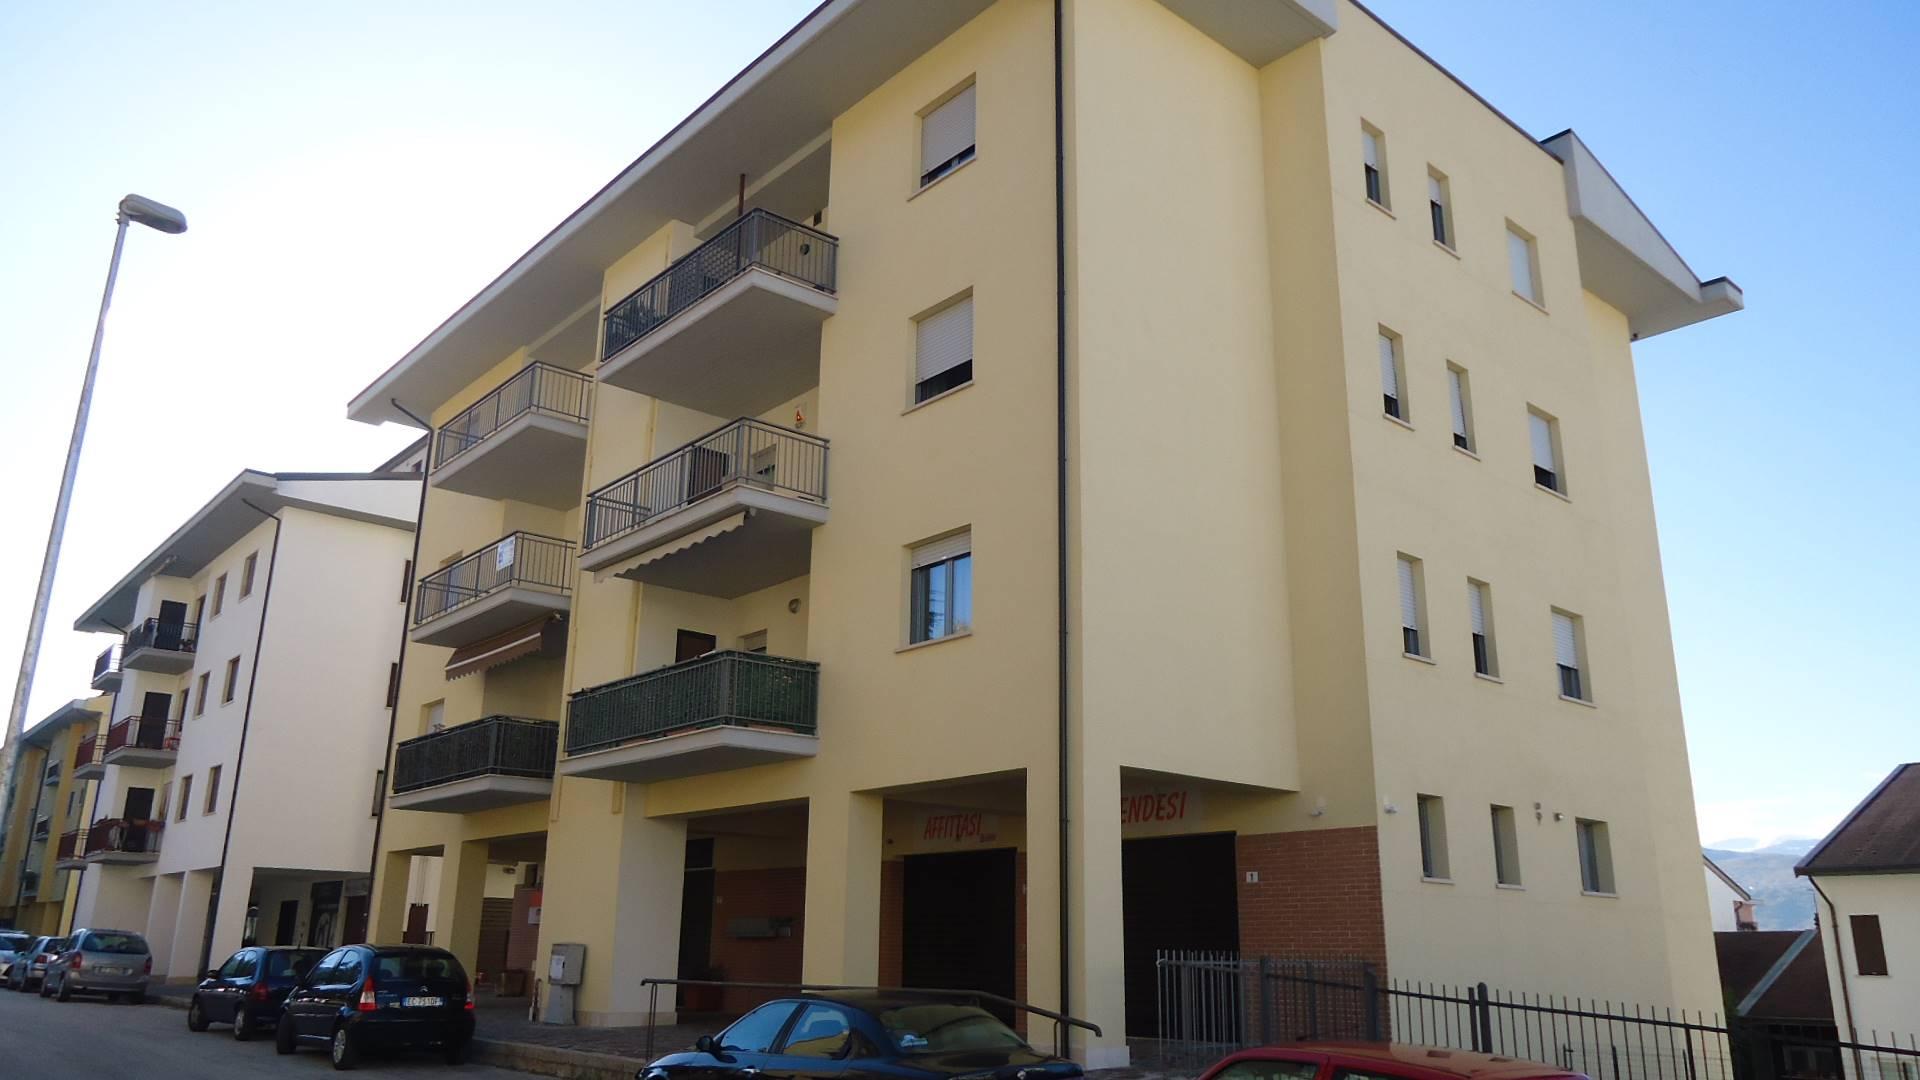 Appartamento in vendita a L'Aquila, 5 locali, zona Zona: Pettino, prezzo € 170.000   CambioCasa.it